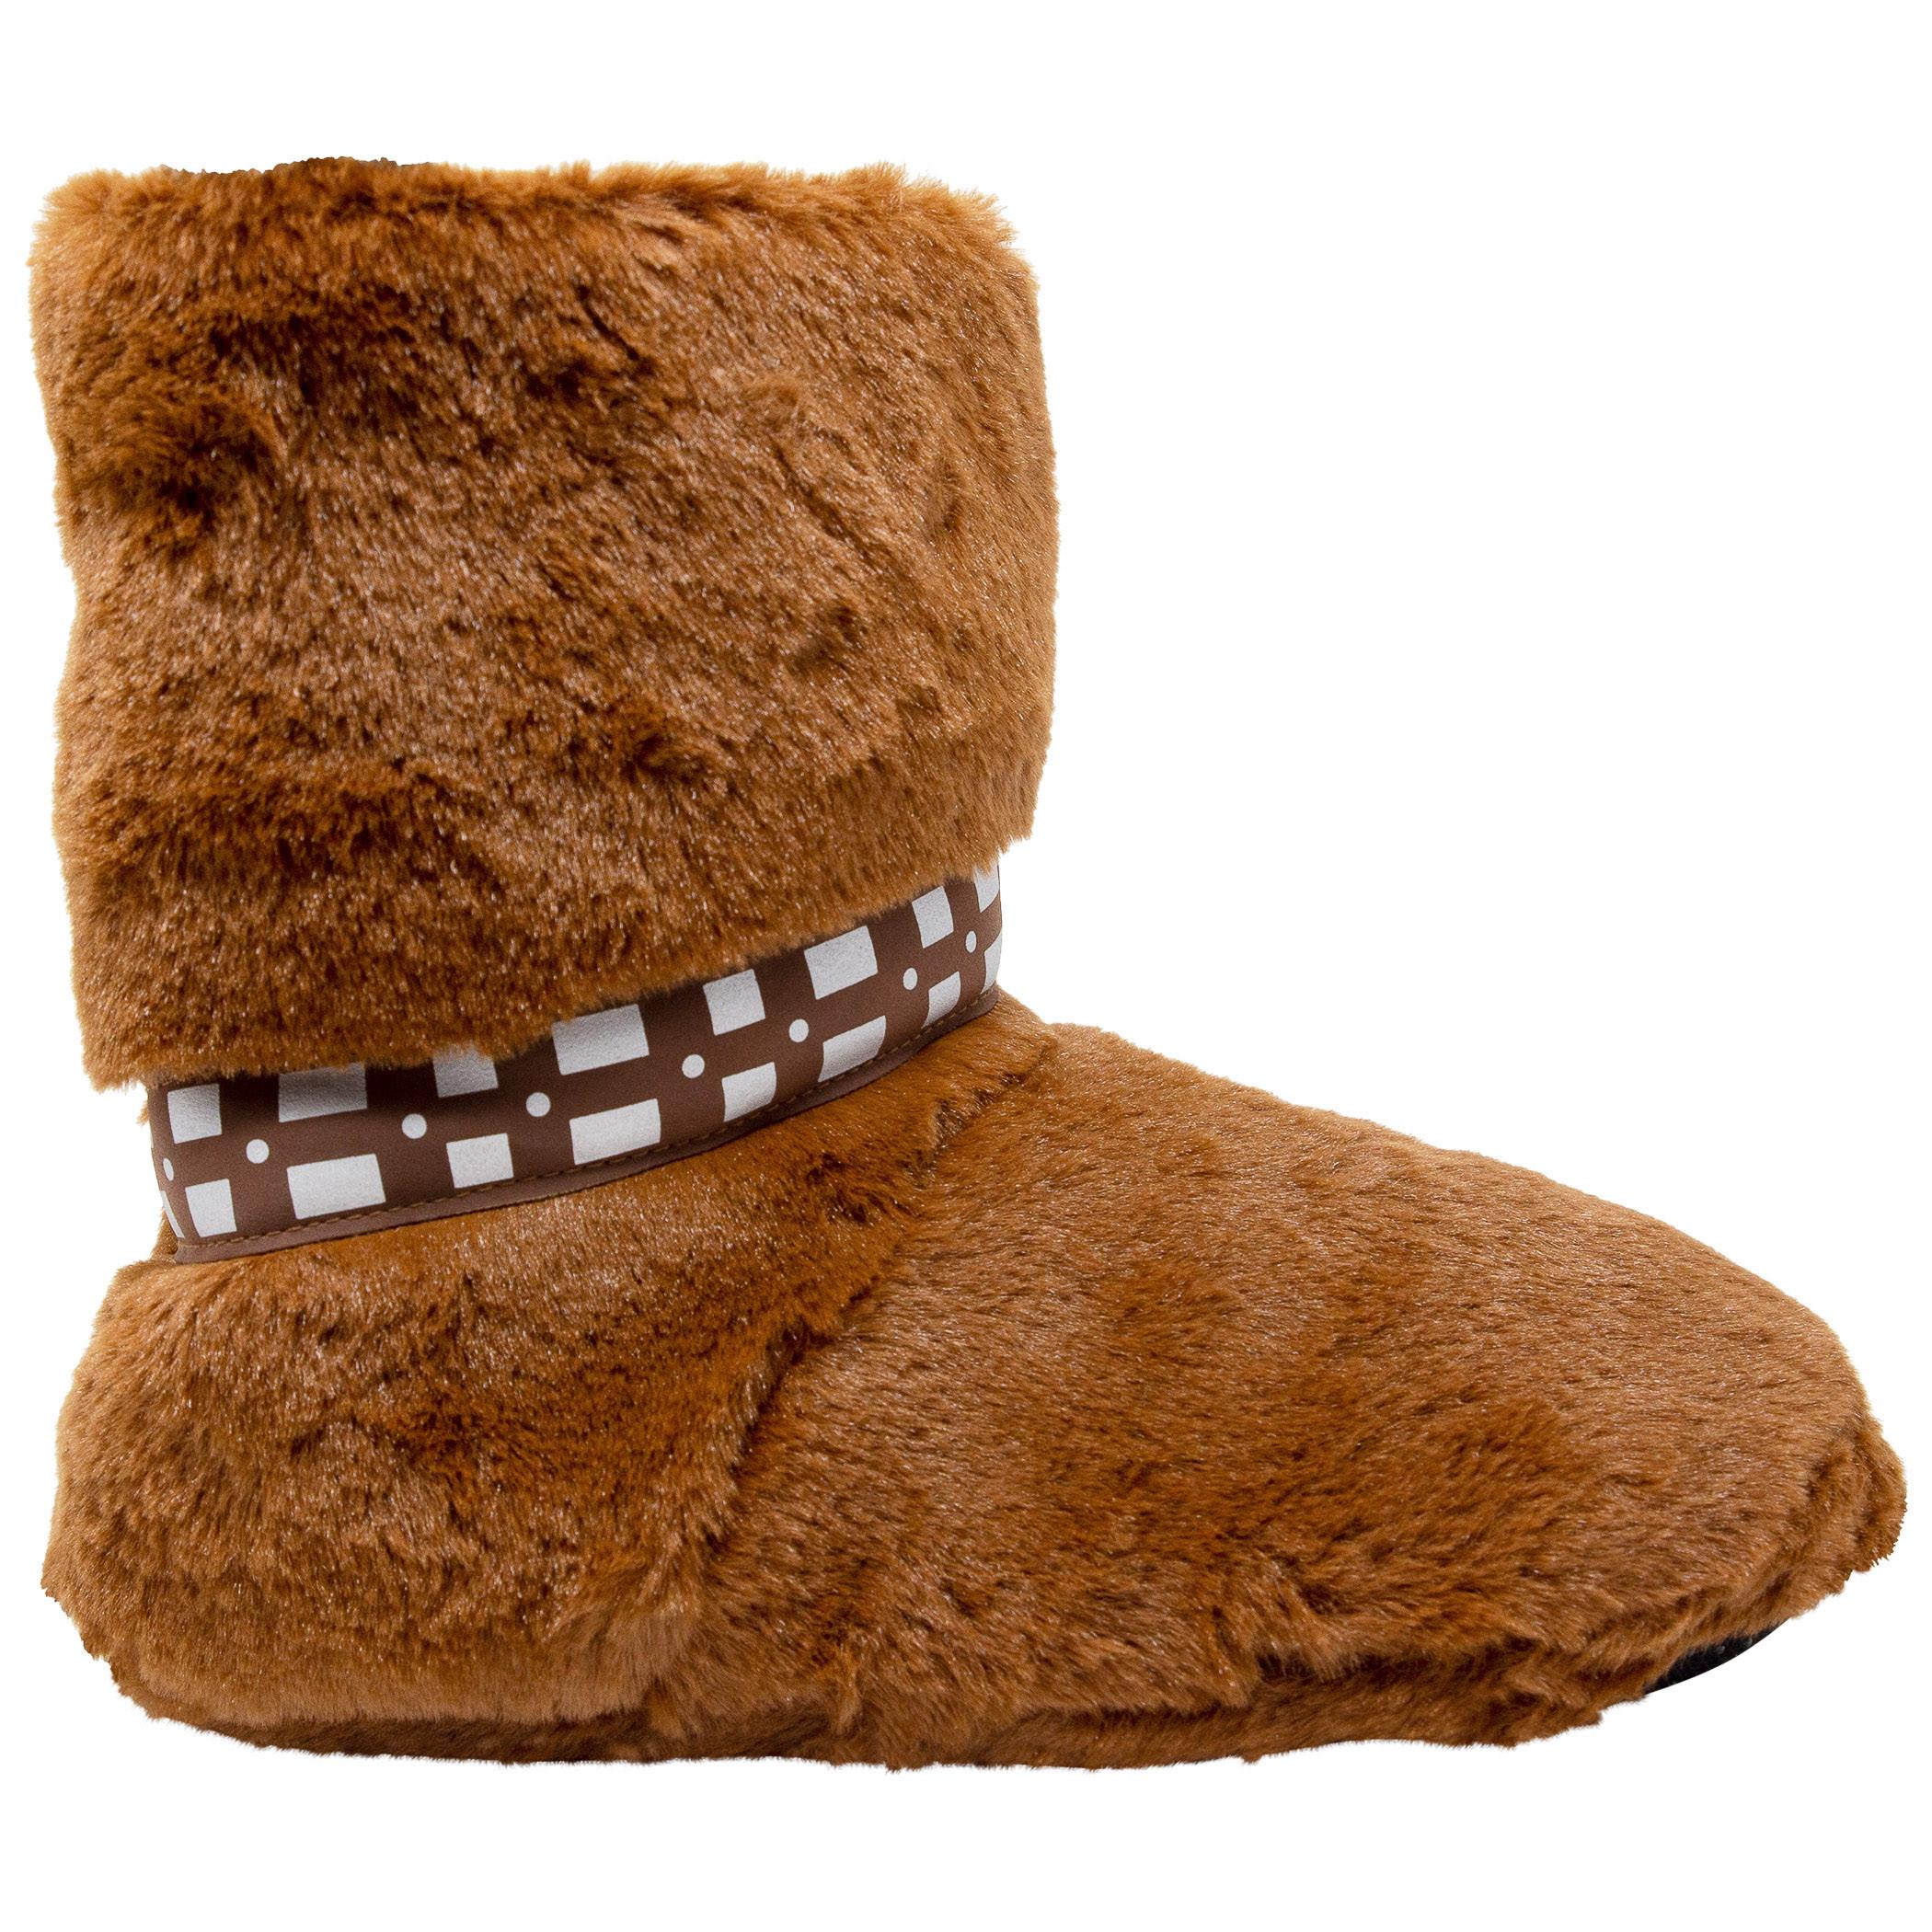 Star Wars Chewbacca Fuzzy Slippers